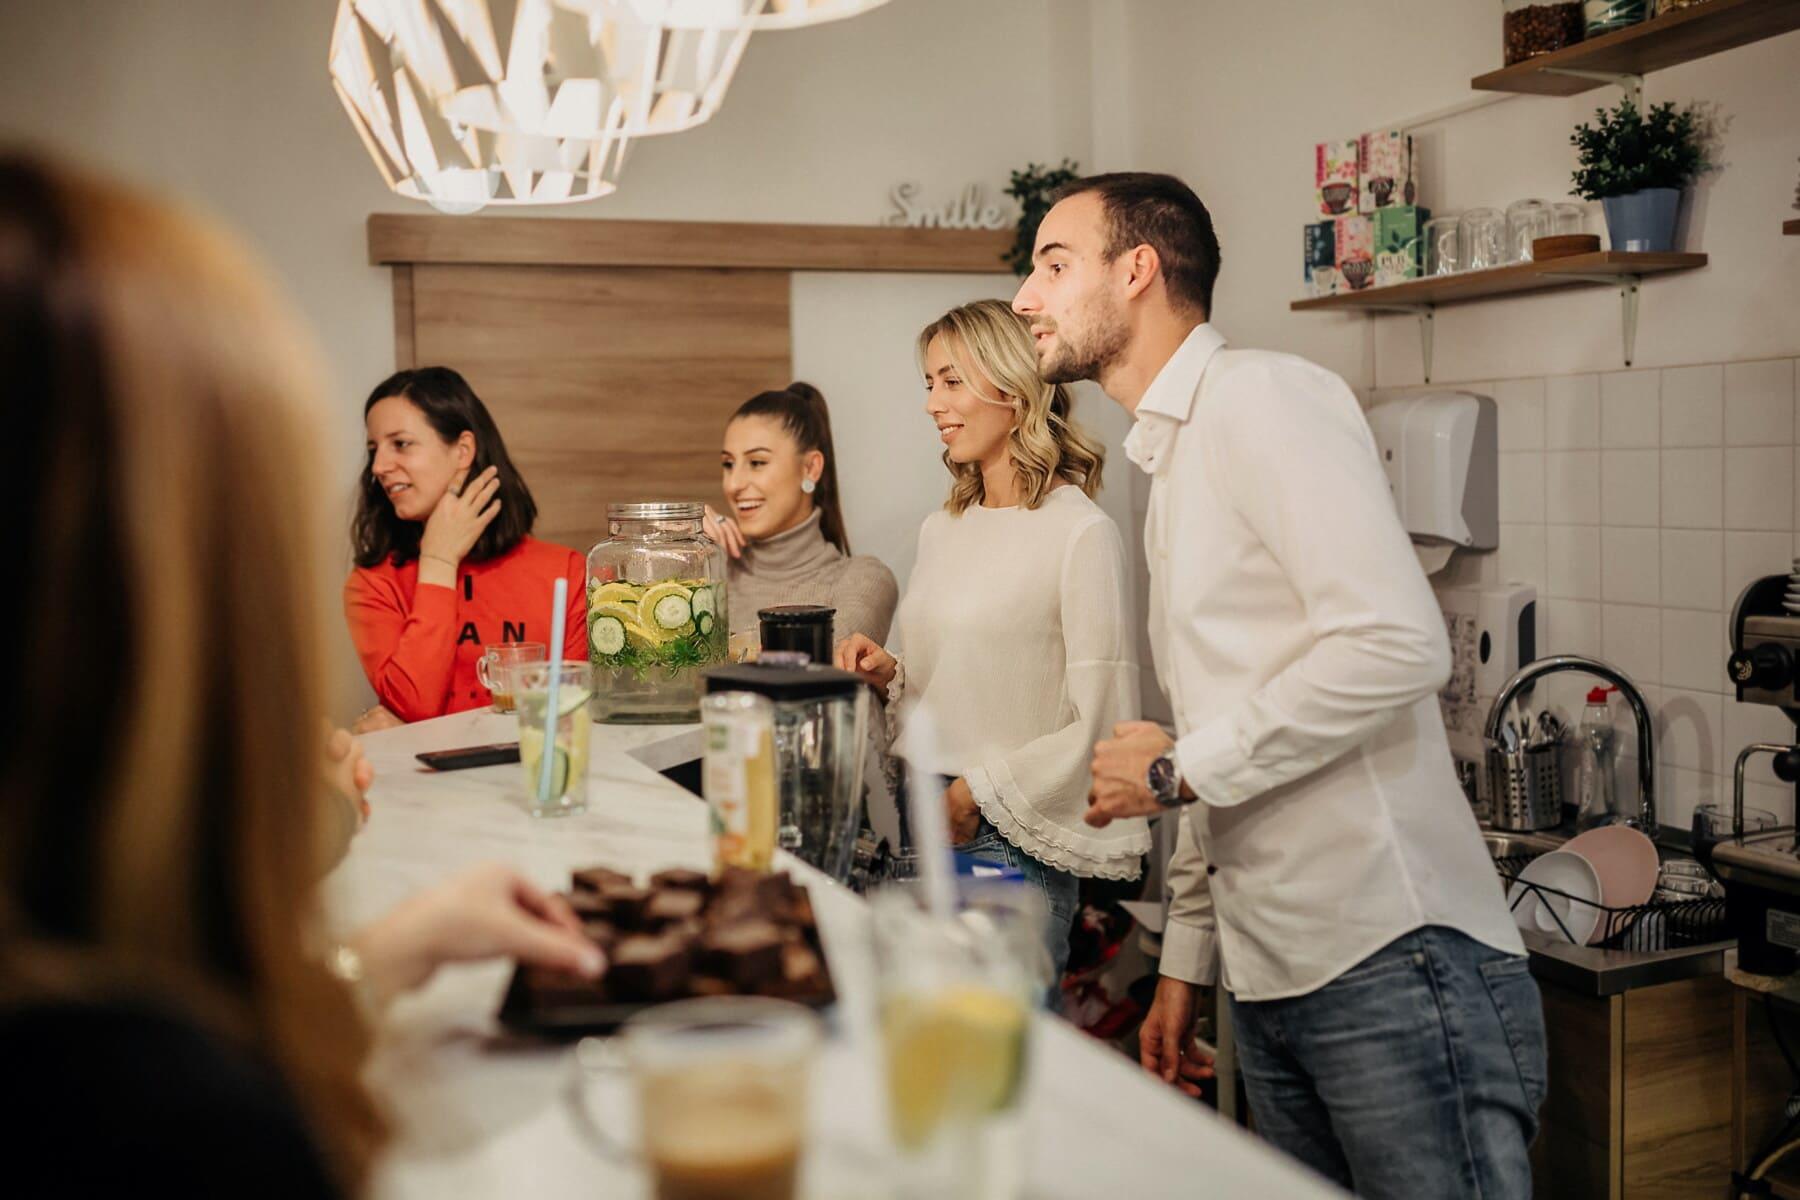 Toplantı, pastahane, keyfi, kafeterya, barmen, genç kadın, dükkâncı, Tatlı kız, Müşteri, kadın